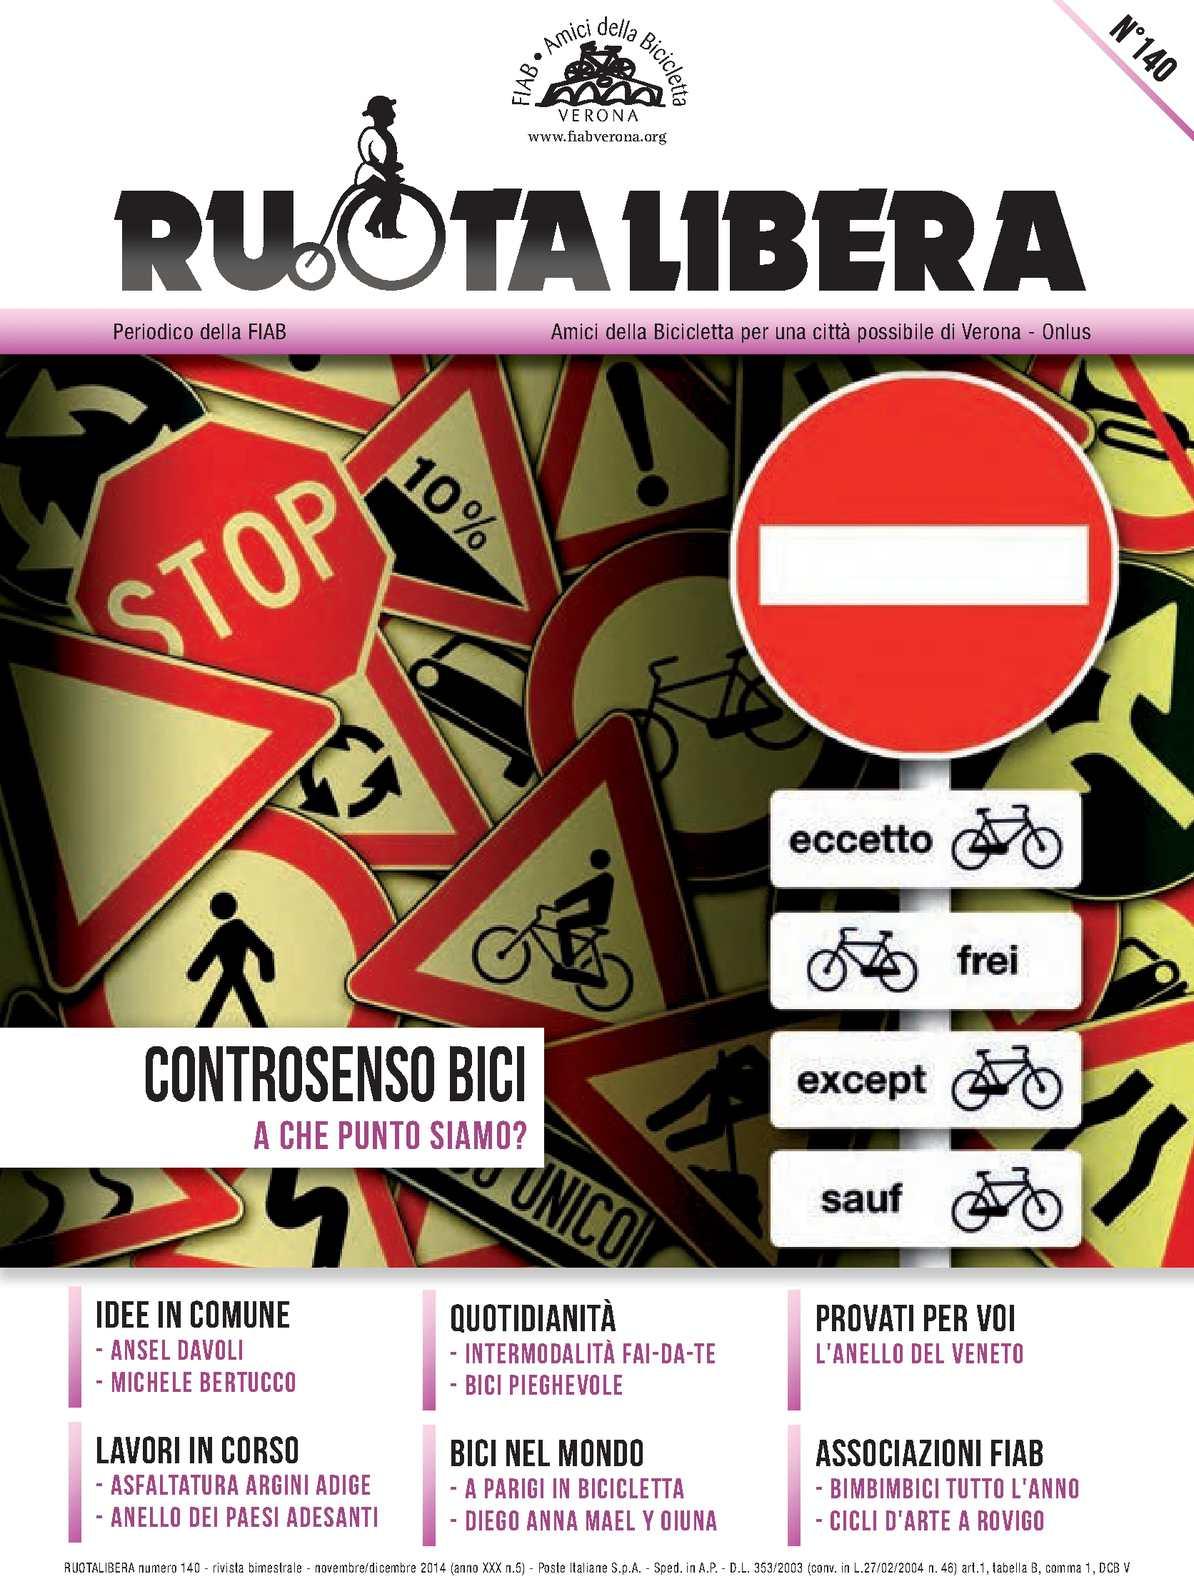 Ruotalibera 140 (novembre/dicembre 2014) - FIAB Verona - AdB